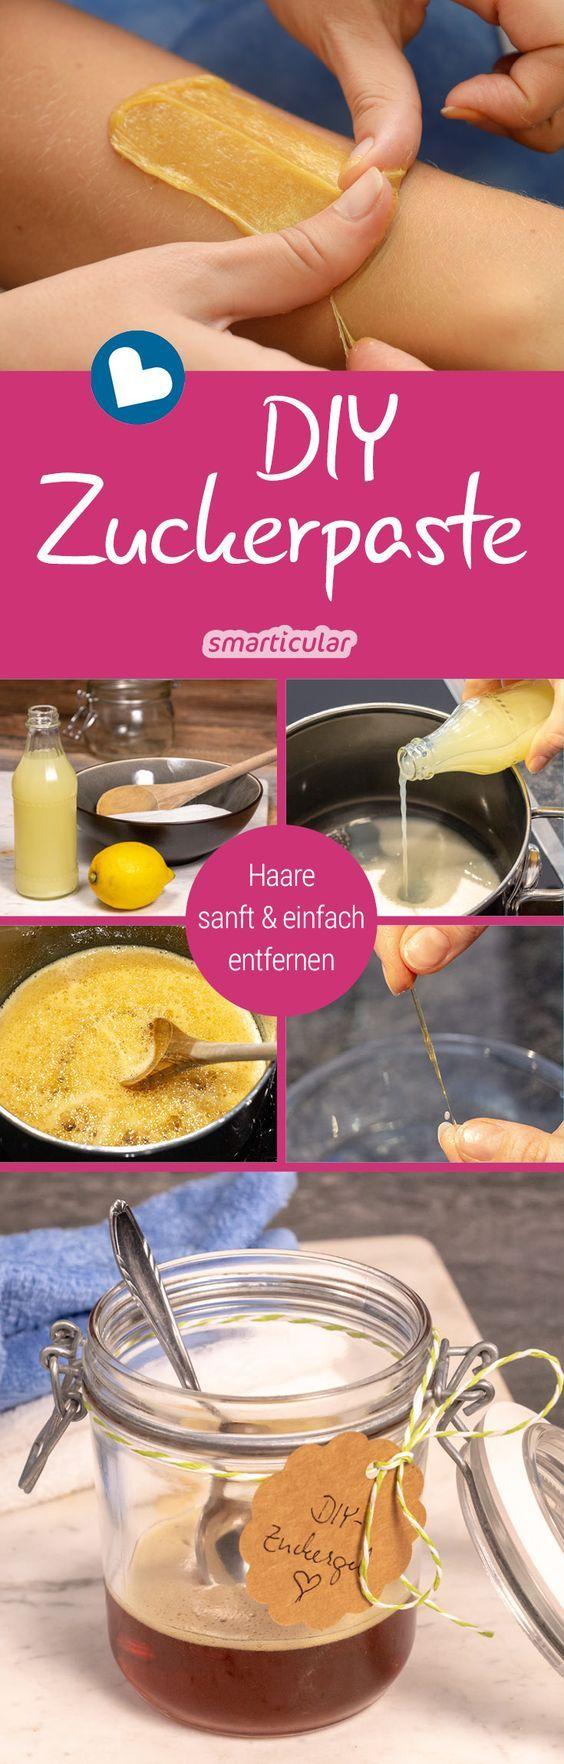 Zuckerpaste zur sanften Haarentfernung preiswert selber machen